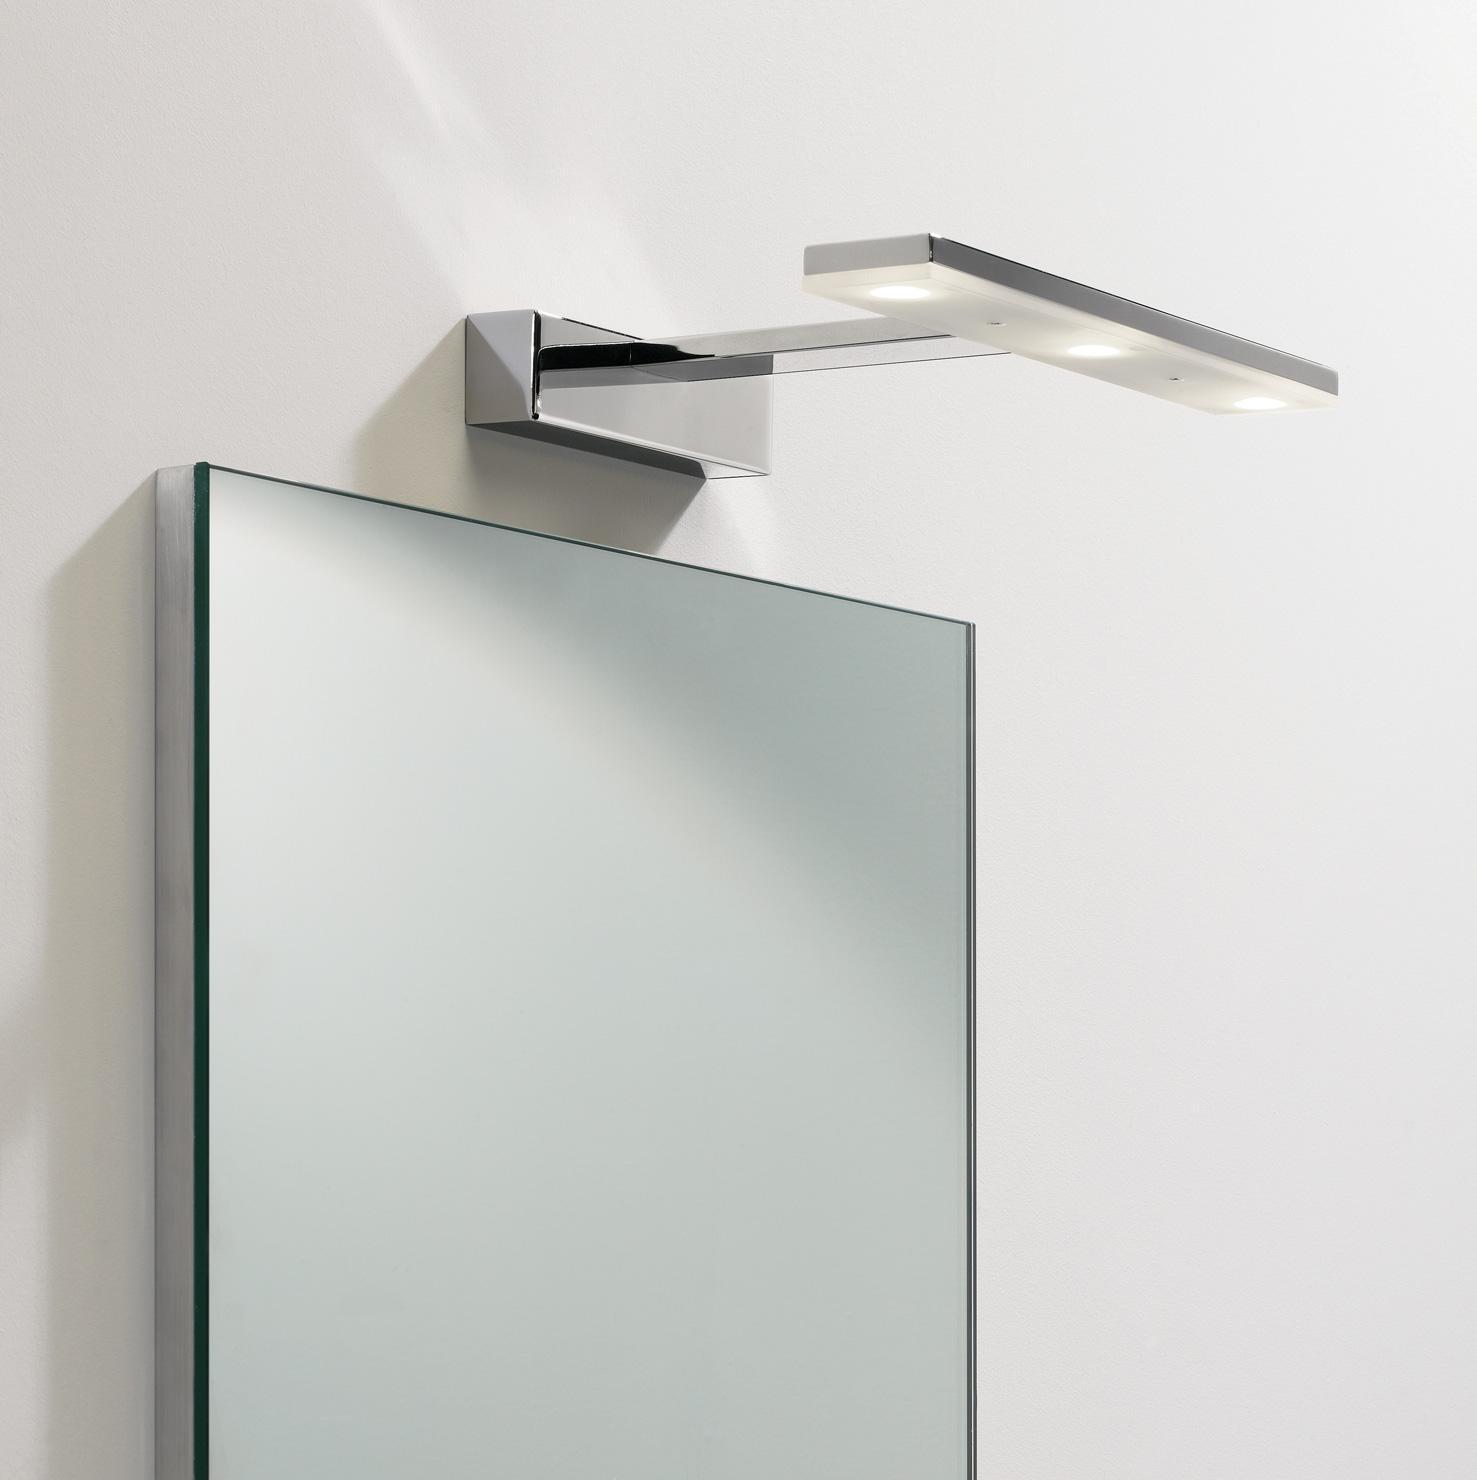 Zippy led lampada da specchio o quadro per bagno - Specchi ingranditori illuminati ...